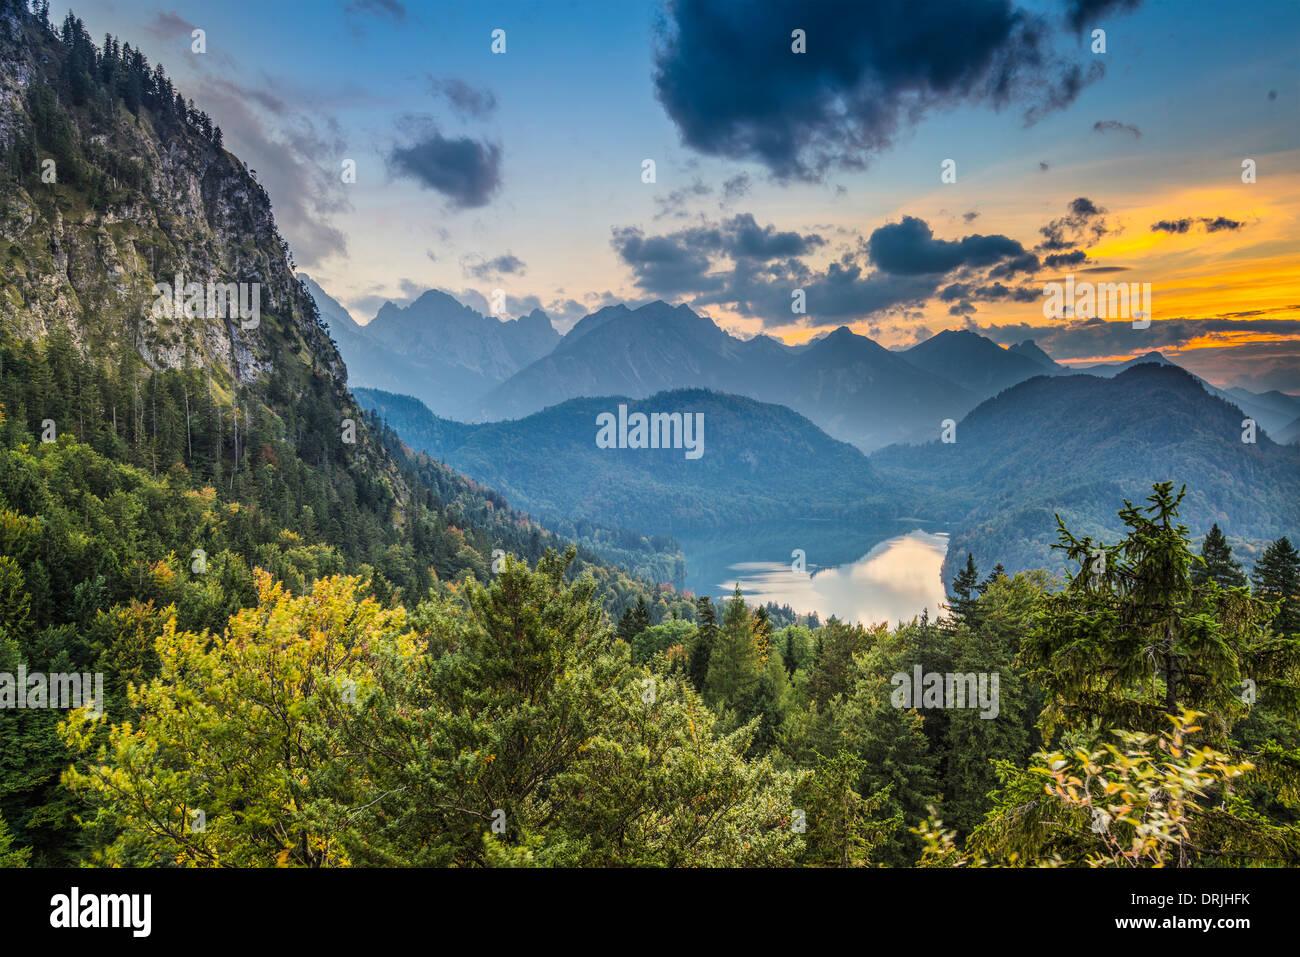 El paisaje de los Alpes de Baviera en Alemania. Imagen De Stock